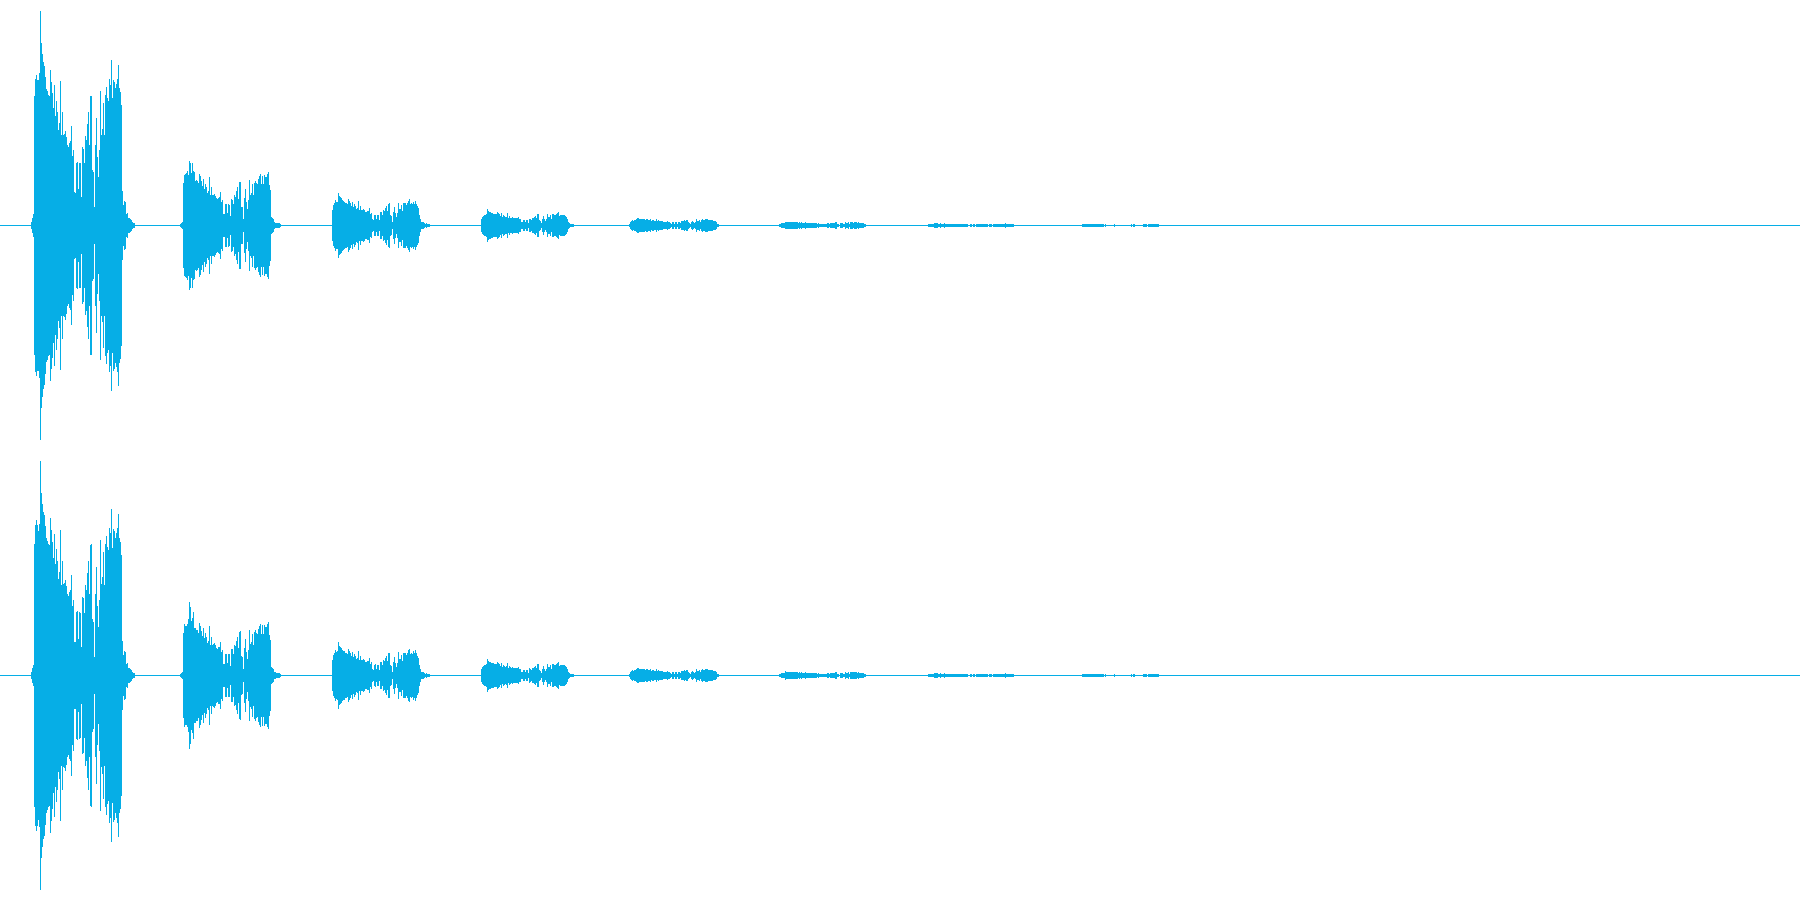 スウィッチ音2(ギュワッ)の再生済みの波形